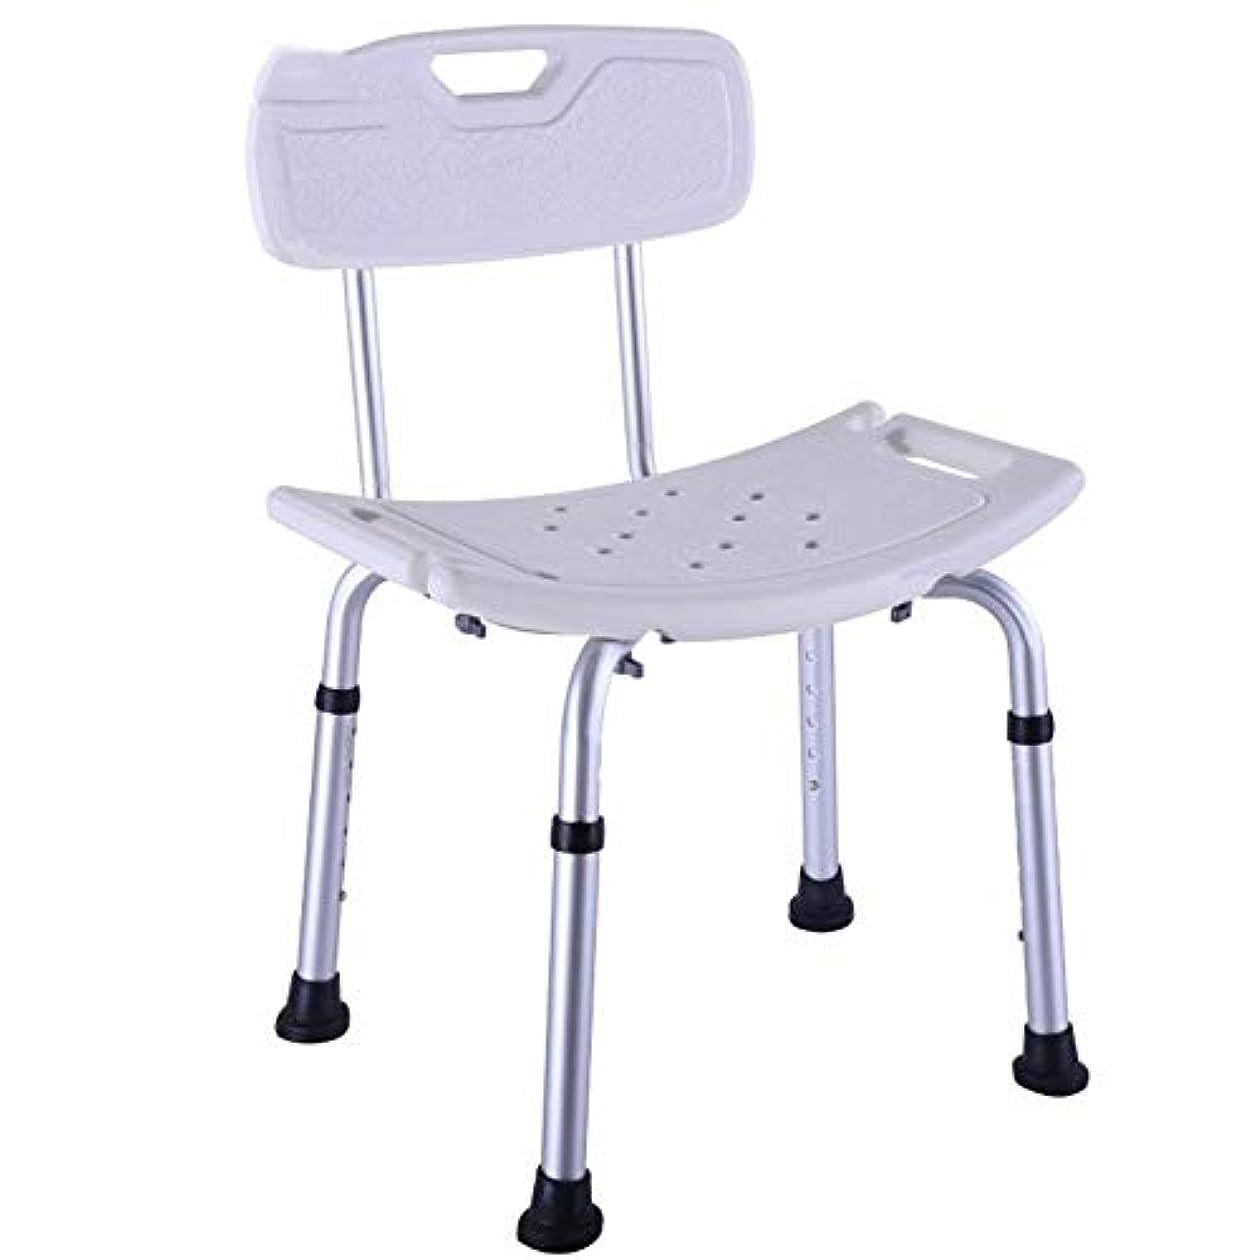 フィードバック制裁食器棚高齢者のための調節可能な高さのシャワーチェア